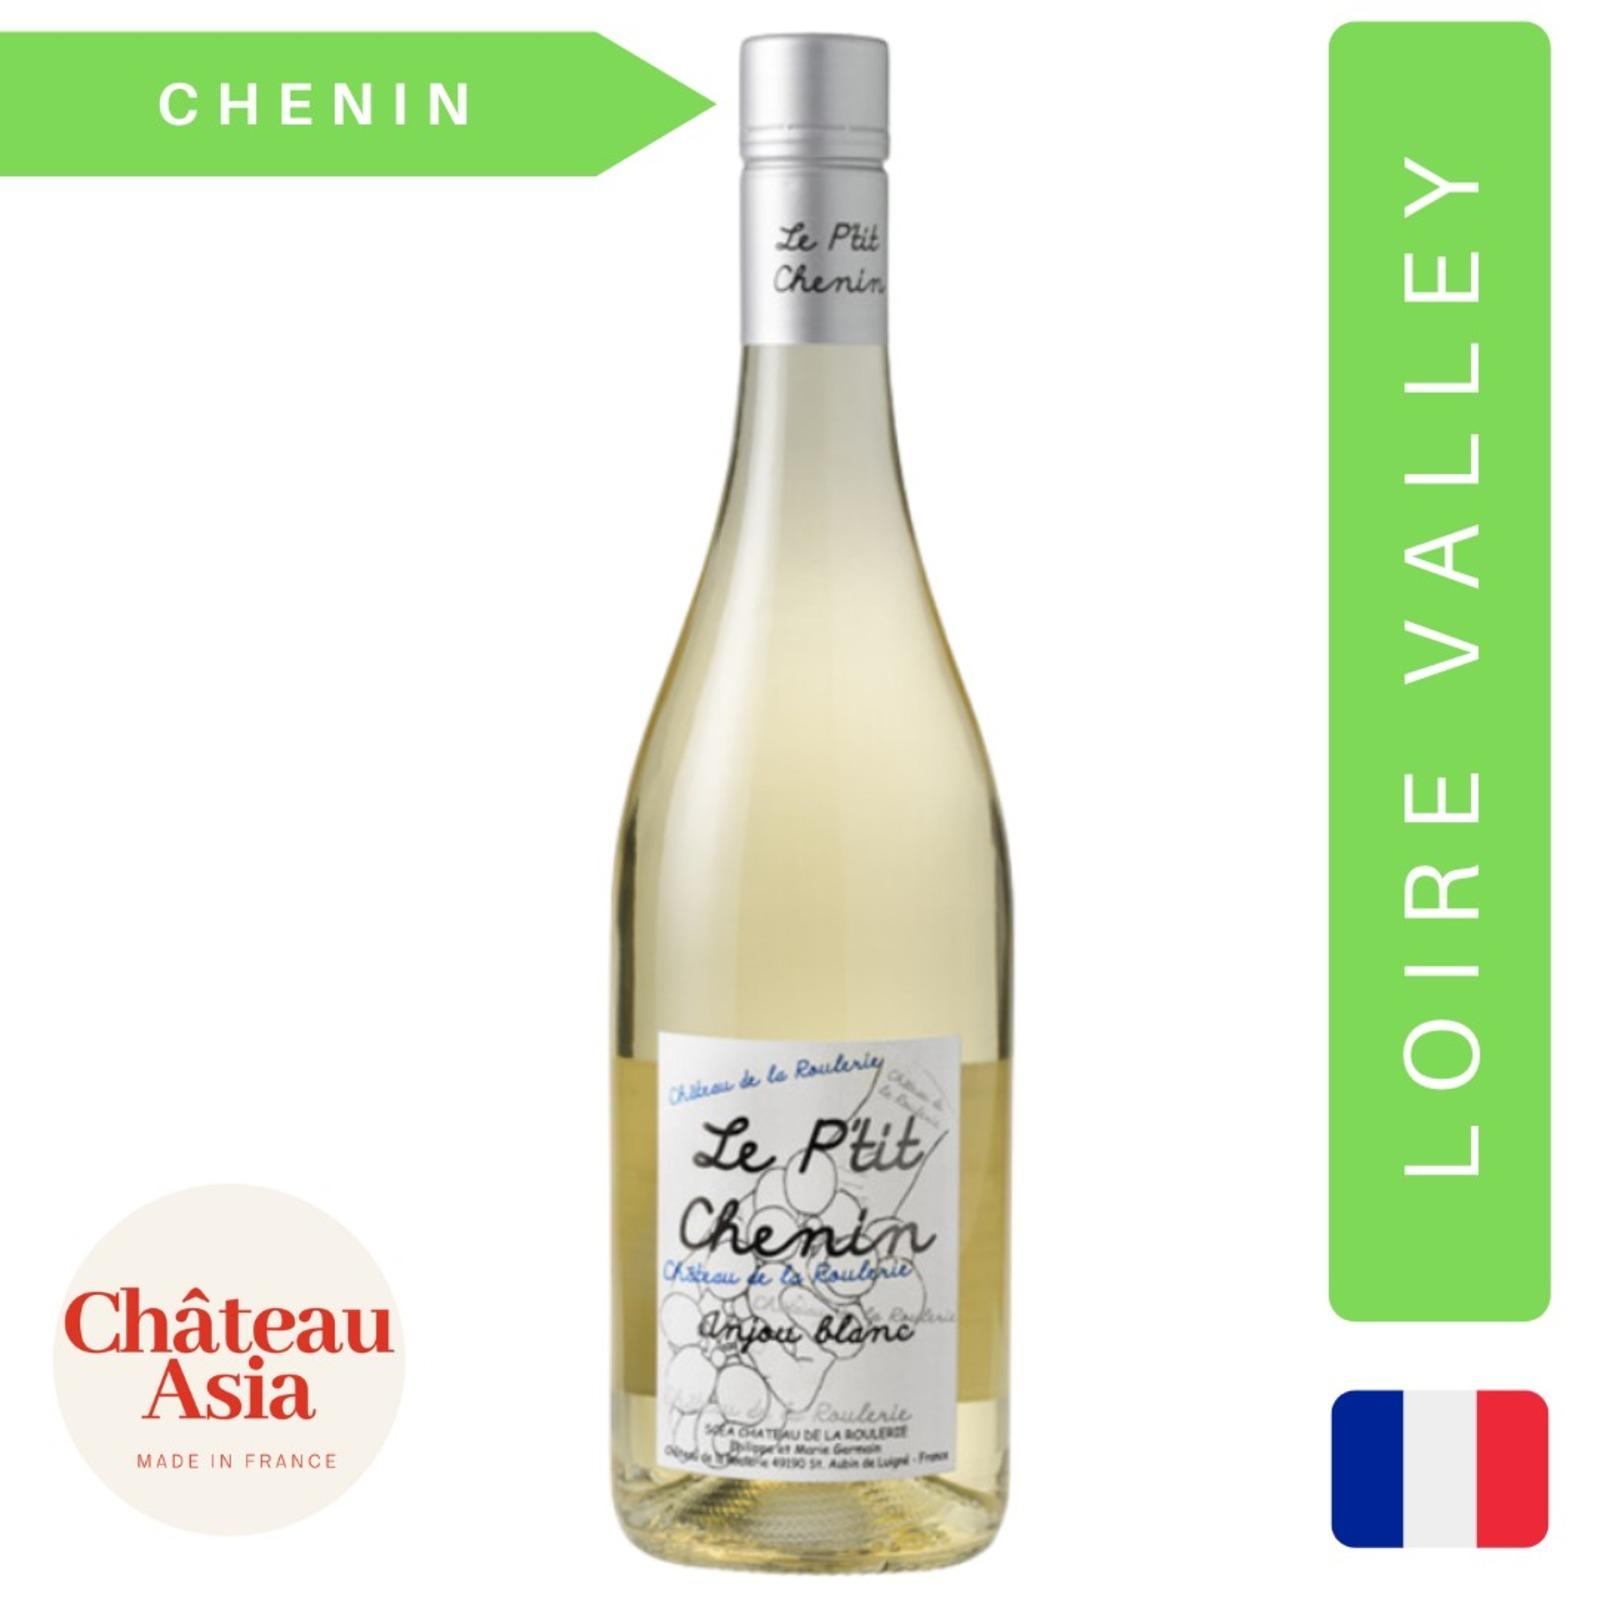 Chateau de la Roulerie-Le Ptit Chenin-Anjou-Organic White Wine